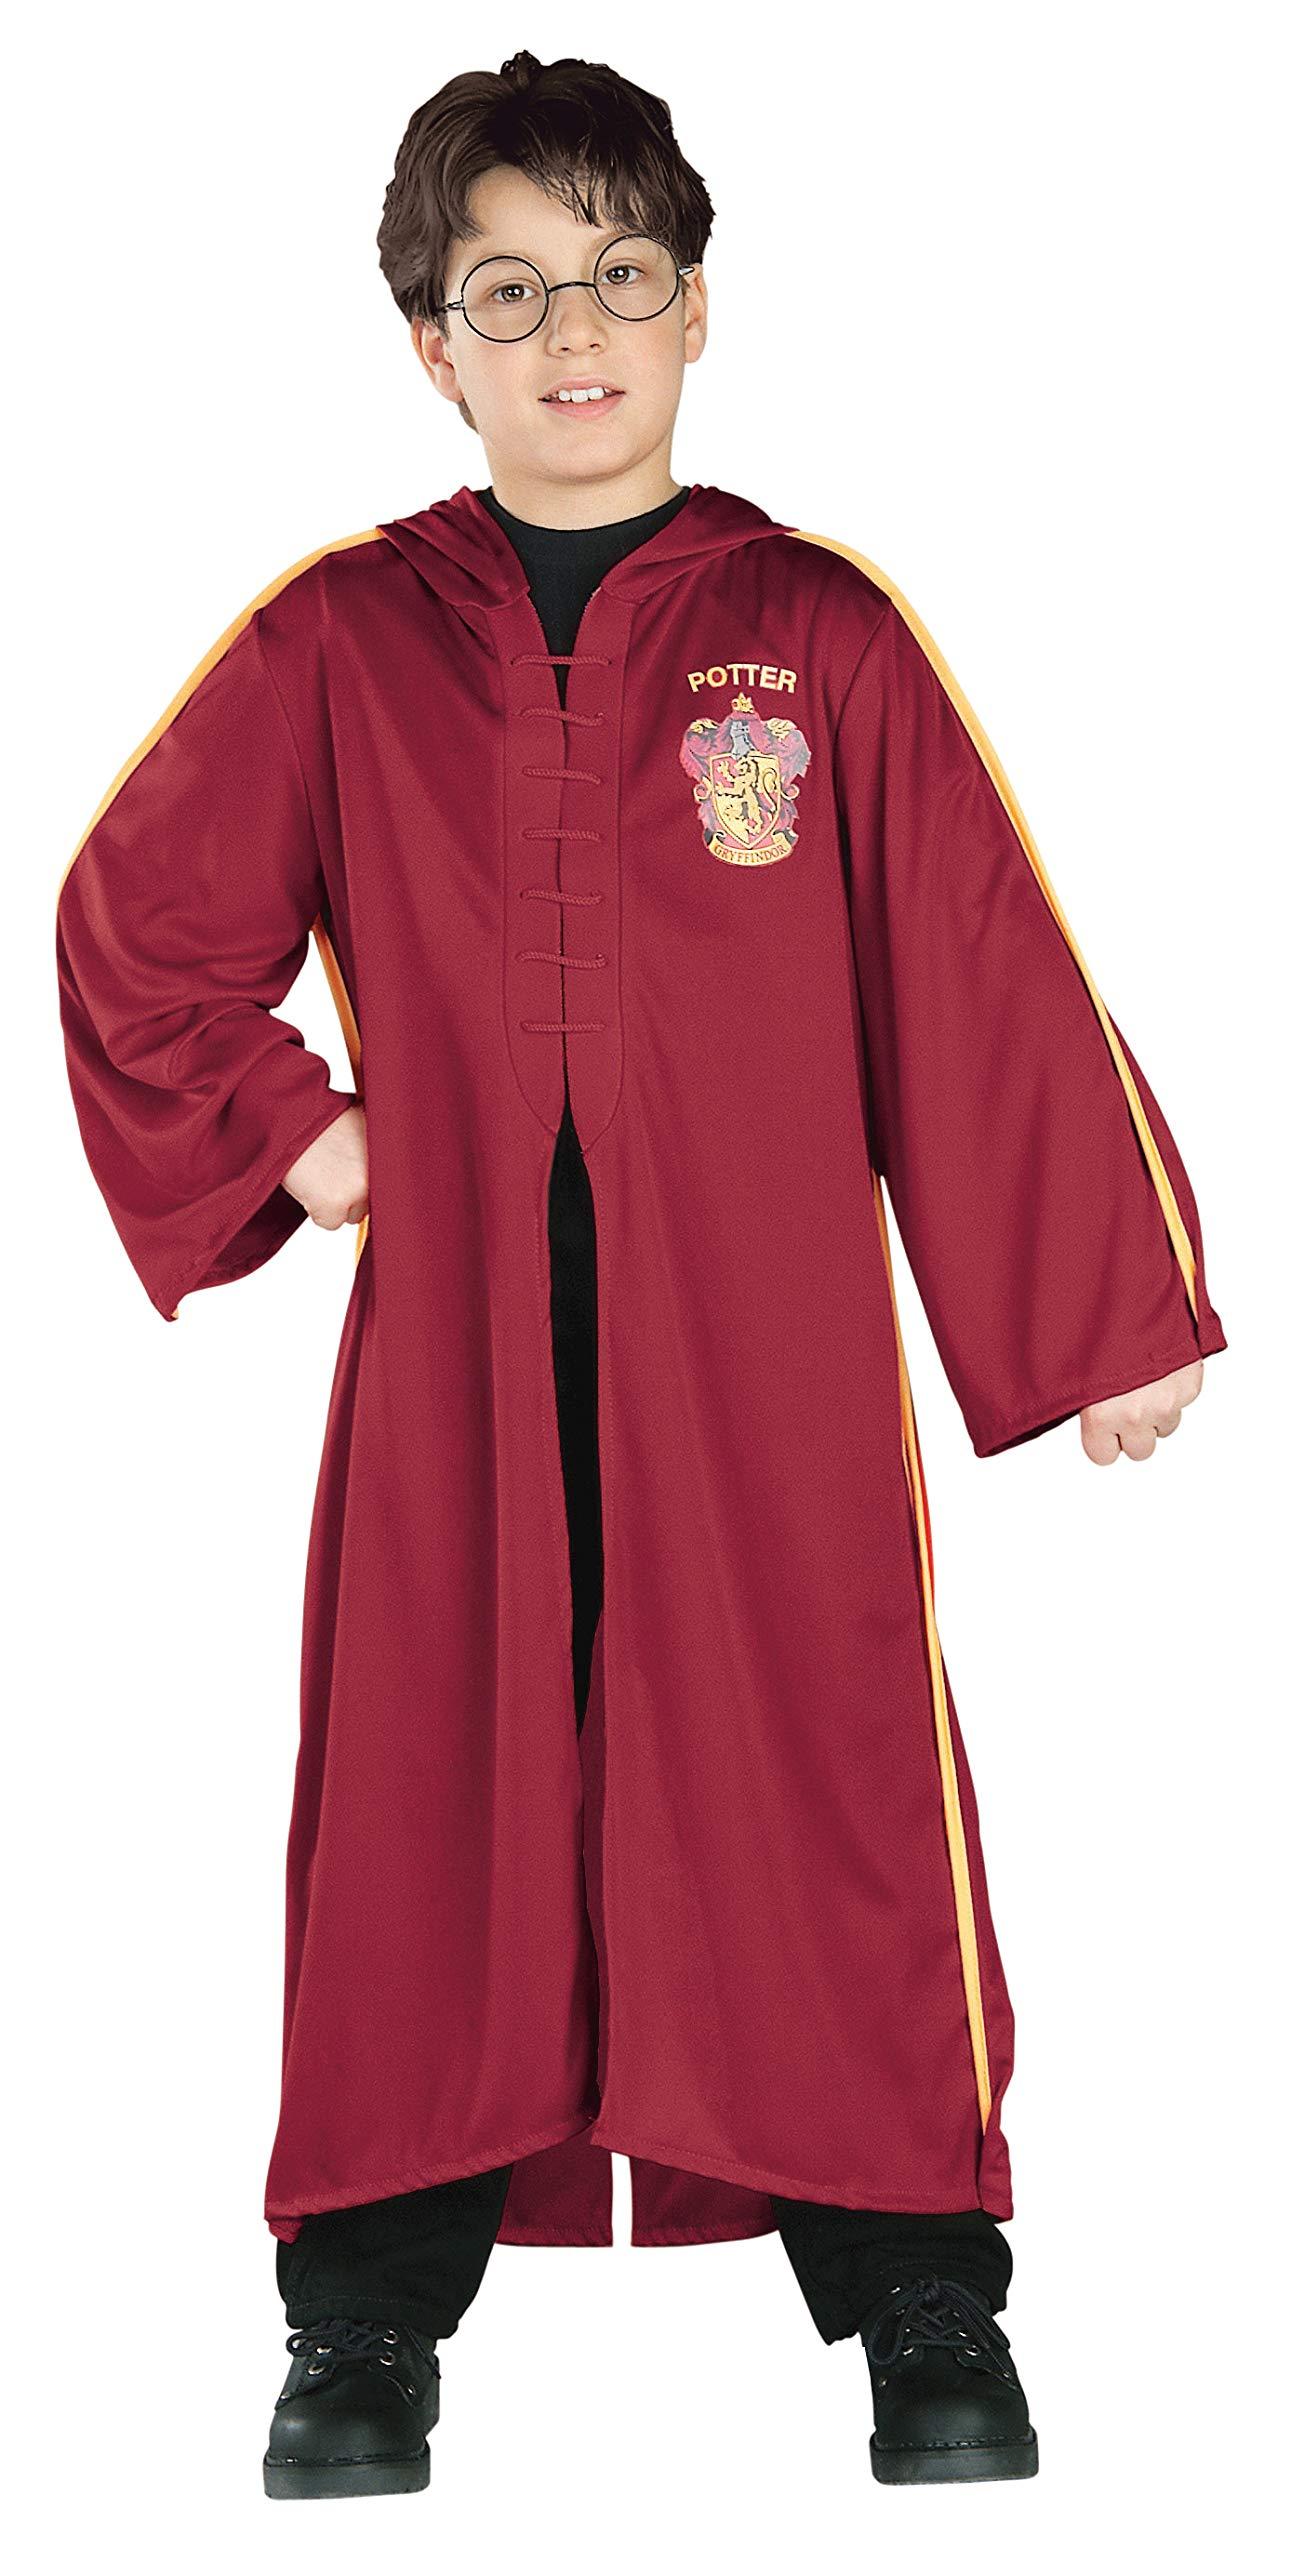 Disfraz de Harry Potter túnica Quidditch niño - 5-7 años: Amazon ...